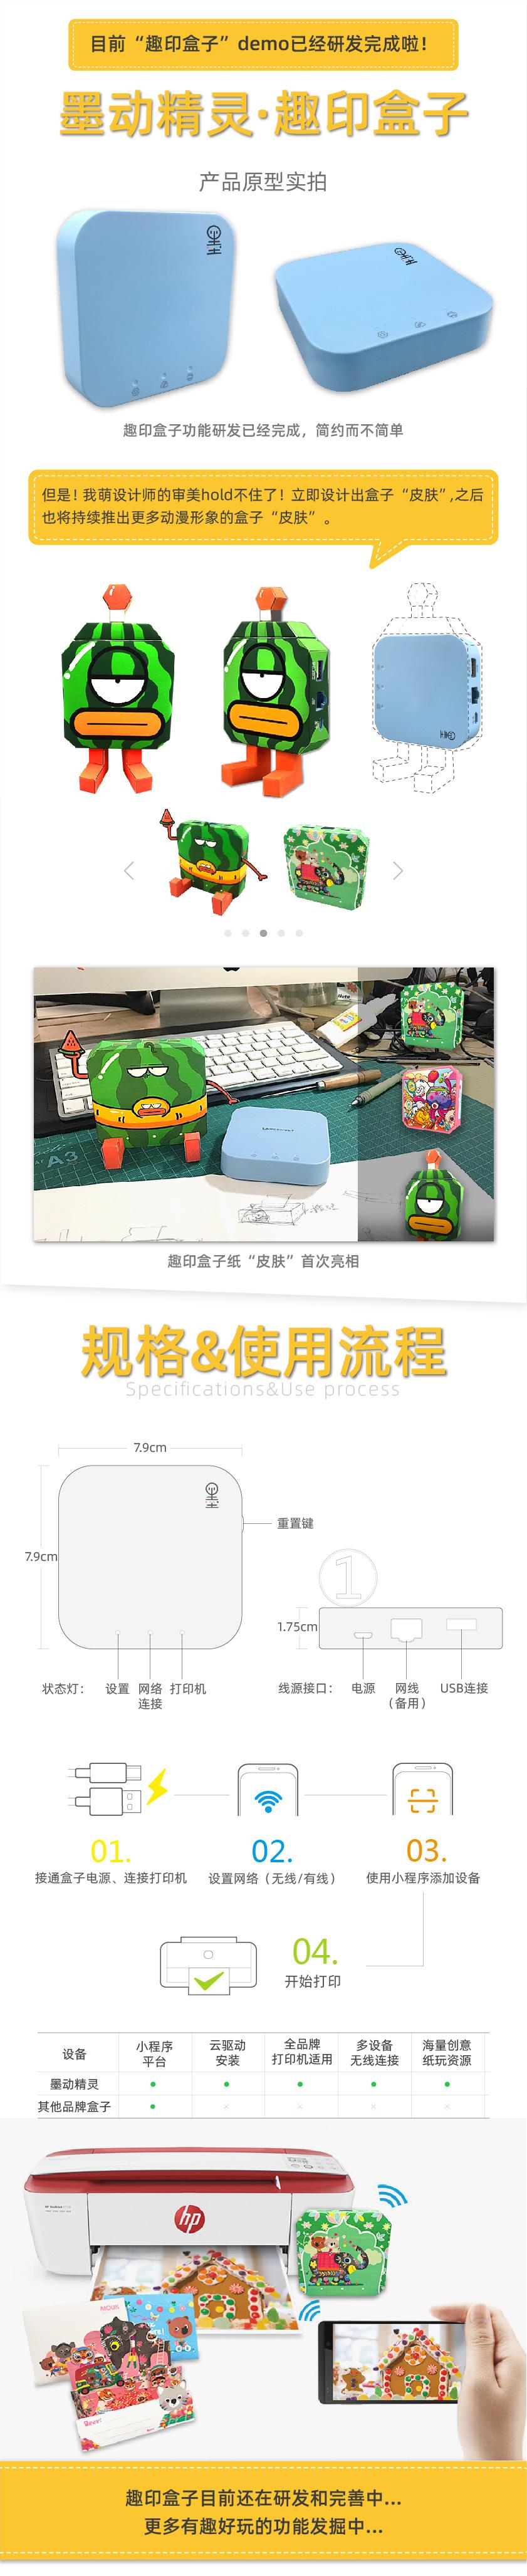 众筹详情页 -03.jpg